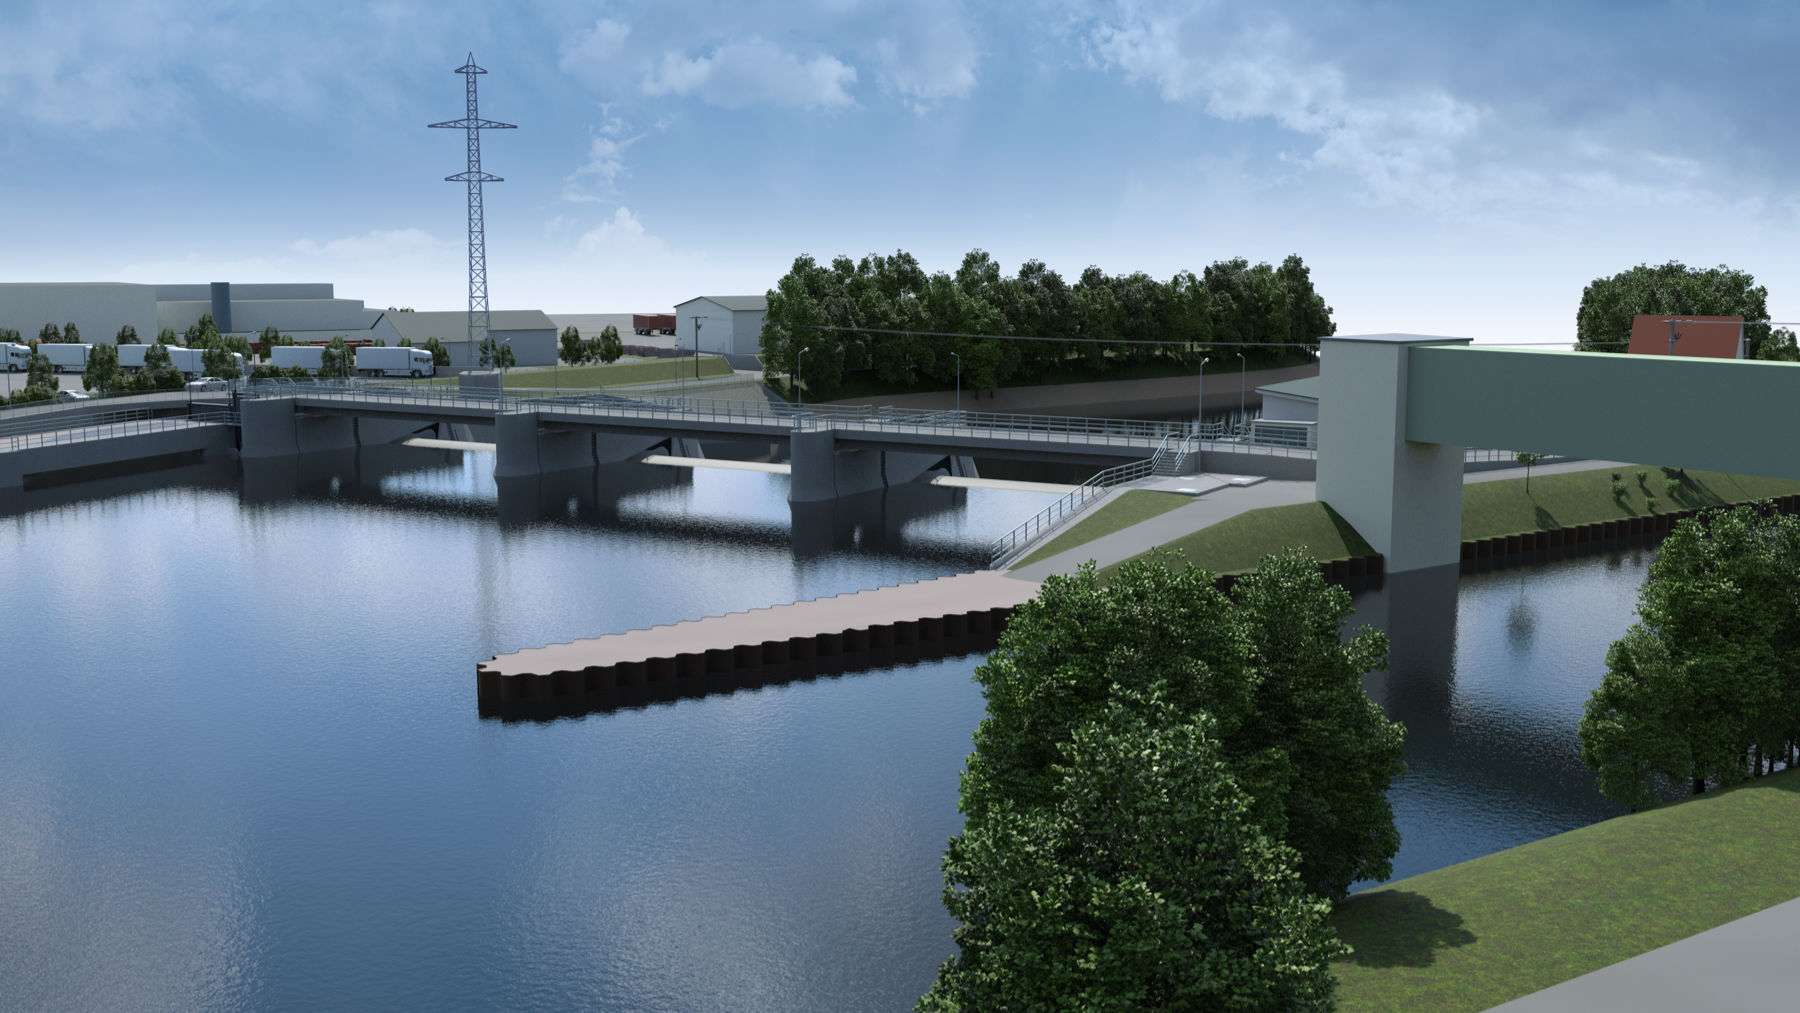 Ersatzneubau Wehr Beihingen: Neue Brücke mit Wehranlage